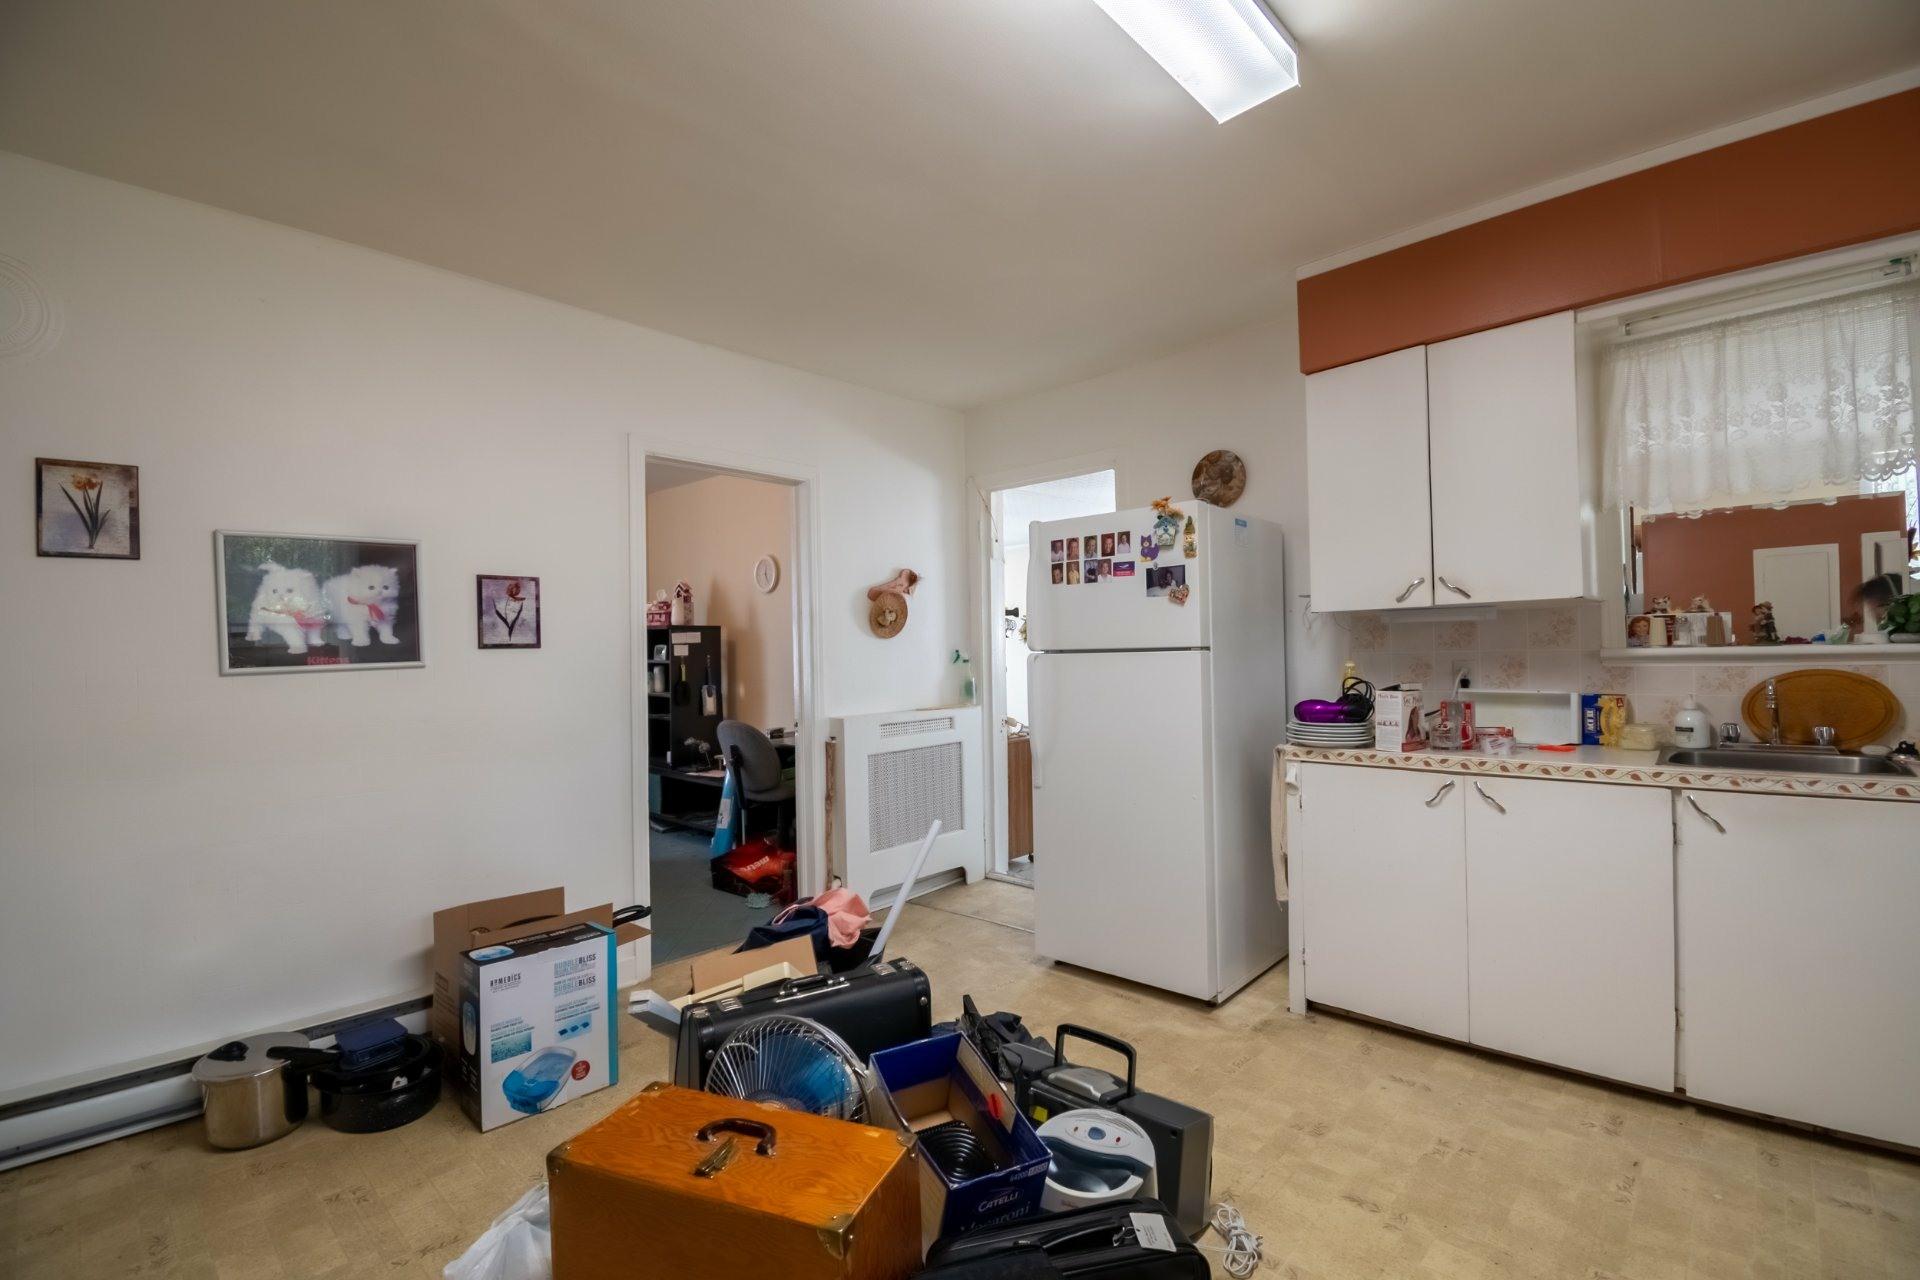 image 3 - Maison À vendre Trois-Rivières - 10 pièces